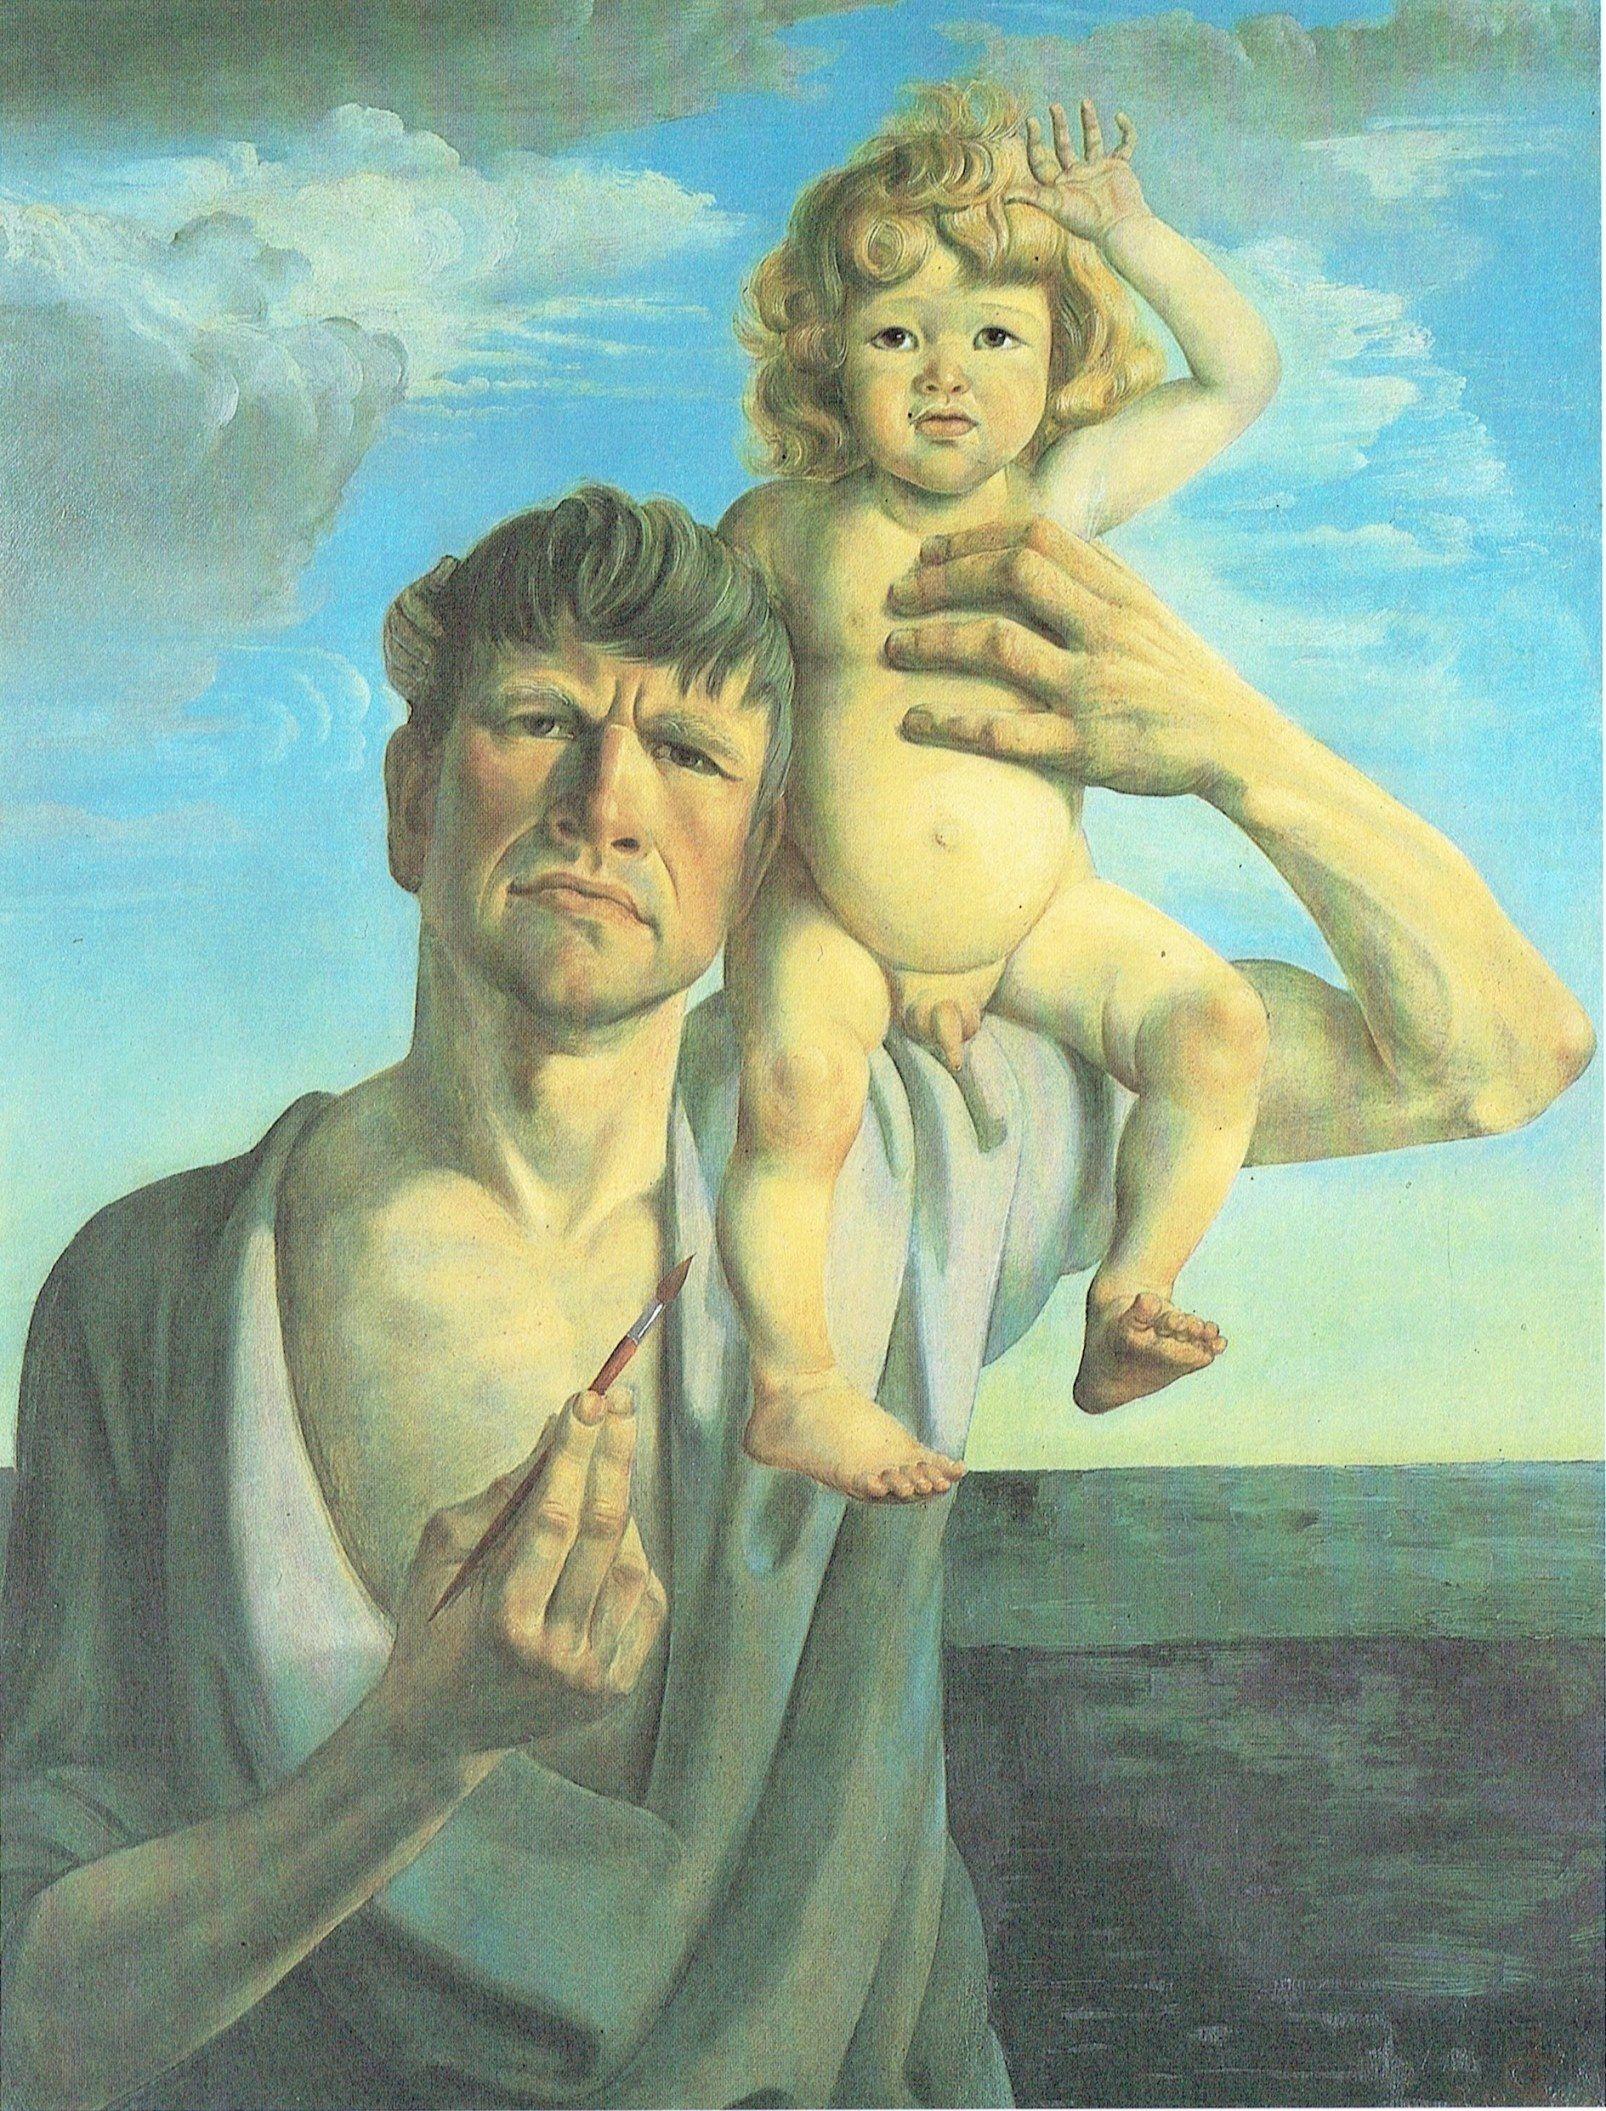 Otto Dix - Autoritratto con Jan, 1930 | Autorretratos, Producción ...